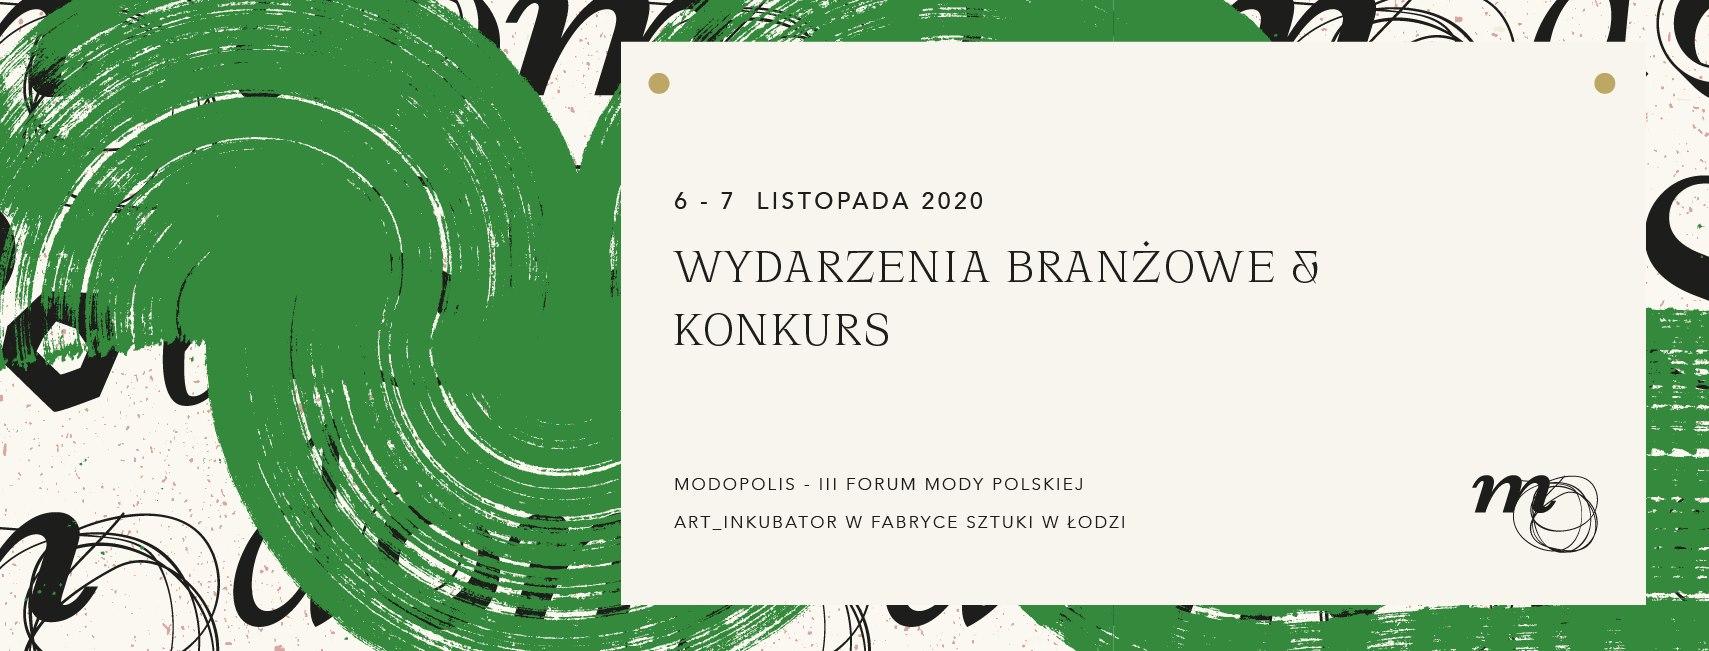 kalendarium_listopad_modopolis_designalive_1